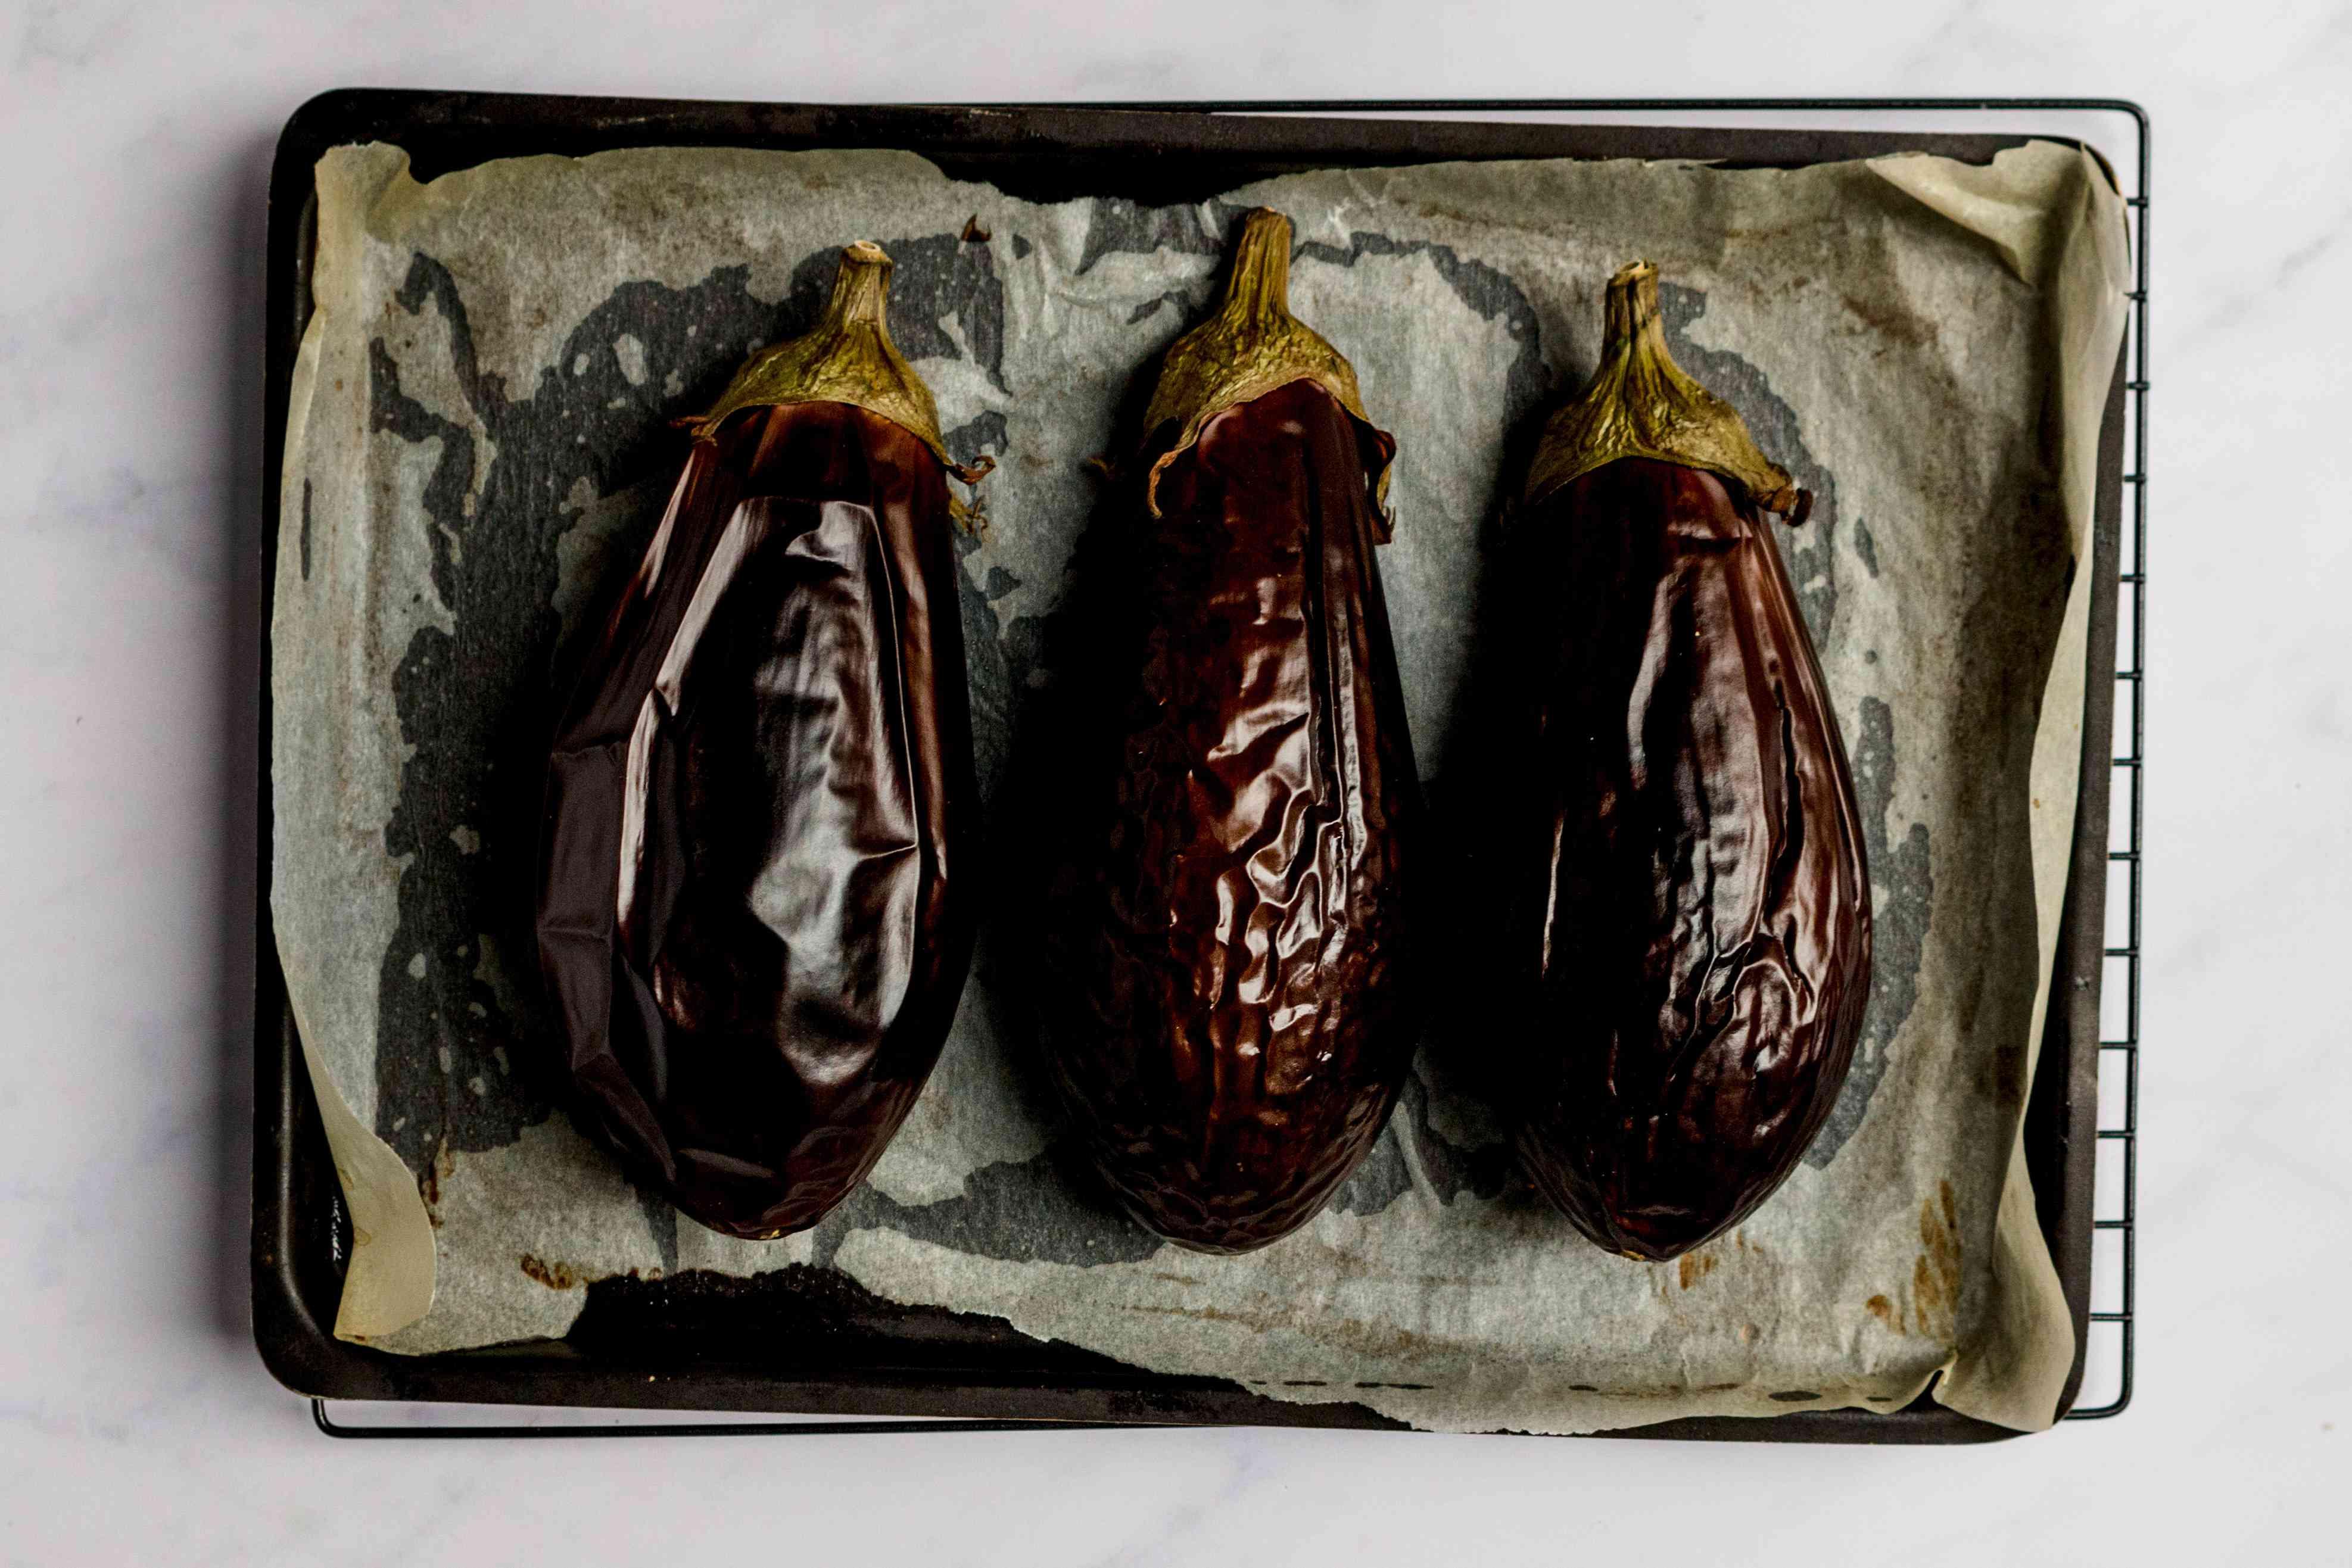 bake eggplant on a baking sheet